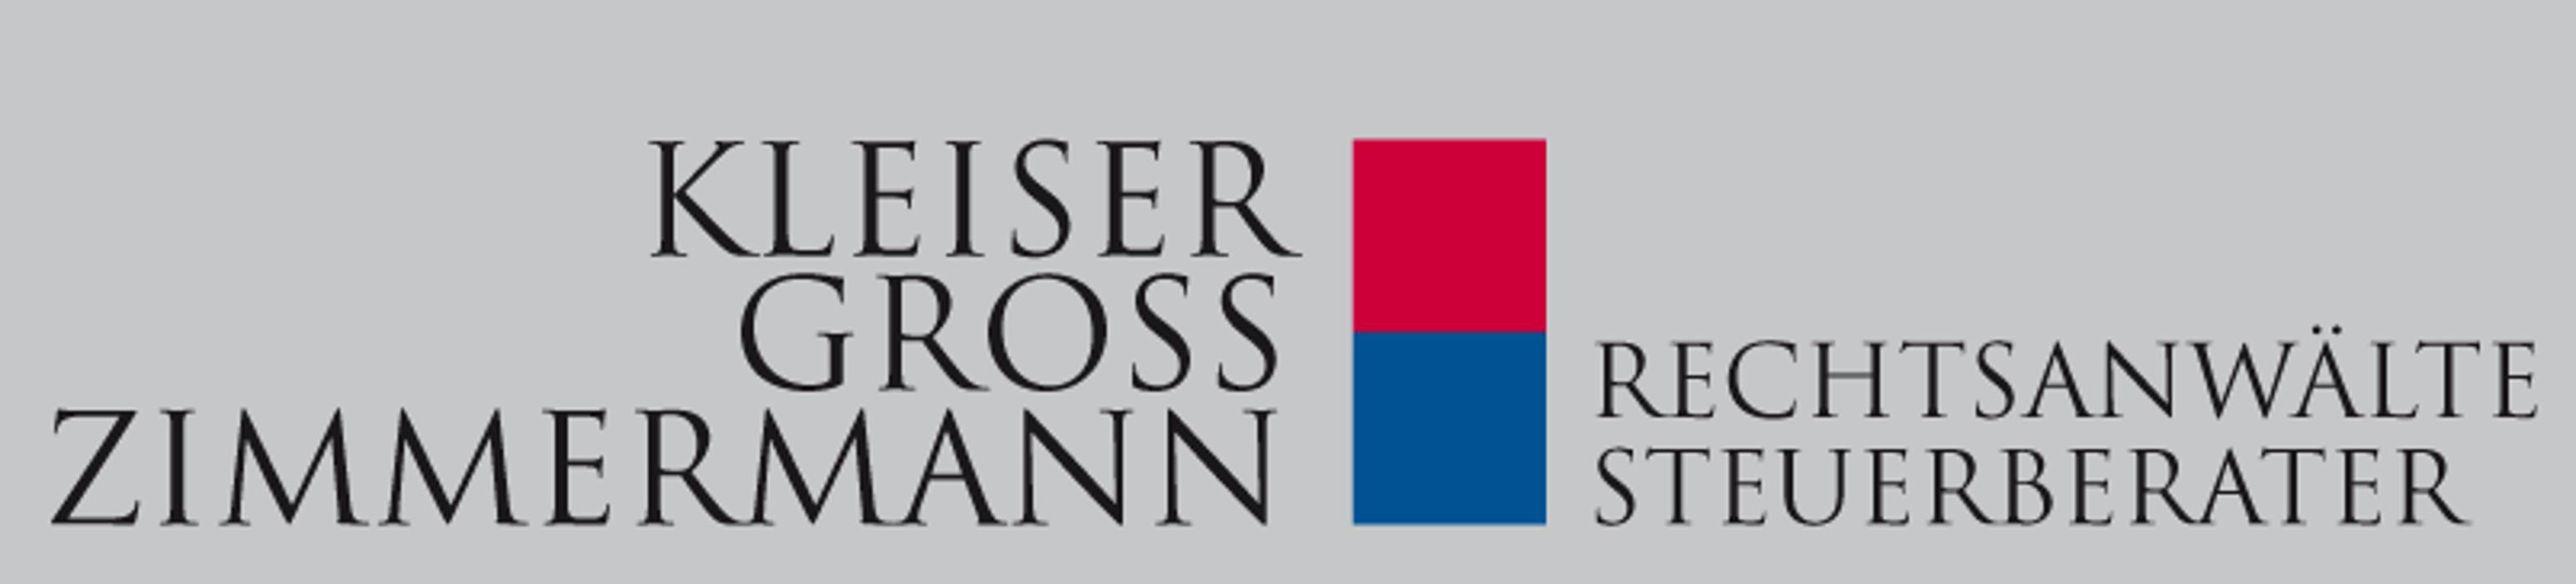 Bild zu Dr. Kleiser, Gross, Zimmermann, Götz, Preuninger u. Häussler Rechtsanwälte in Neustadt an der Weinstrasse